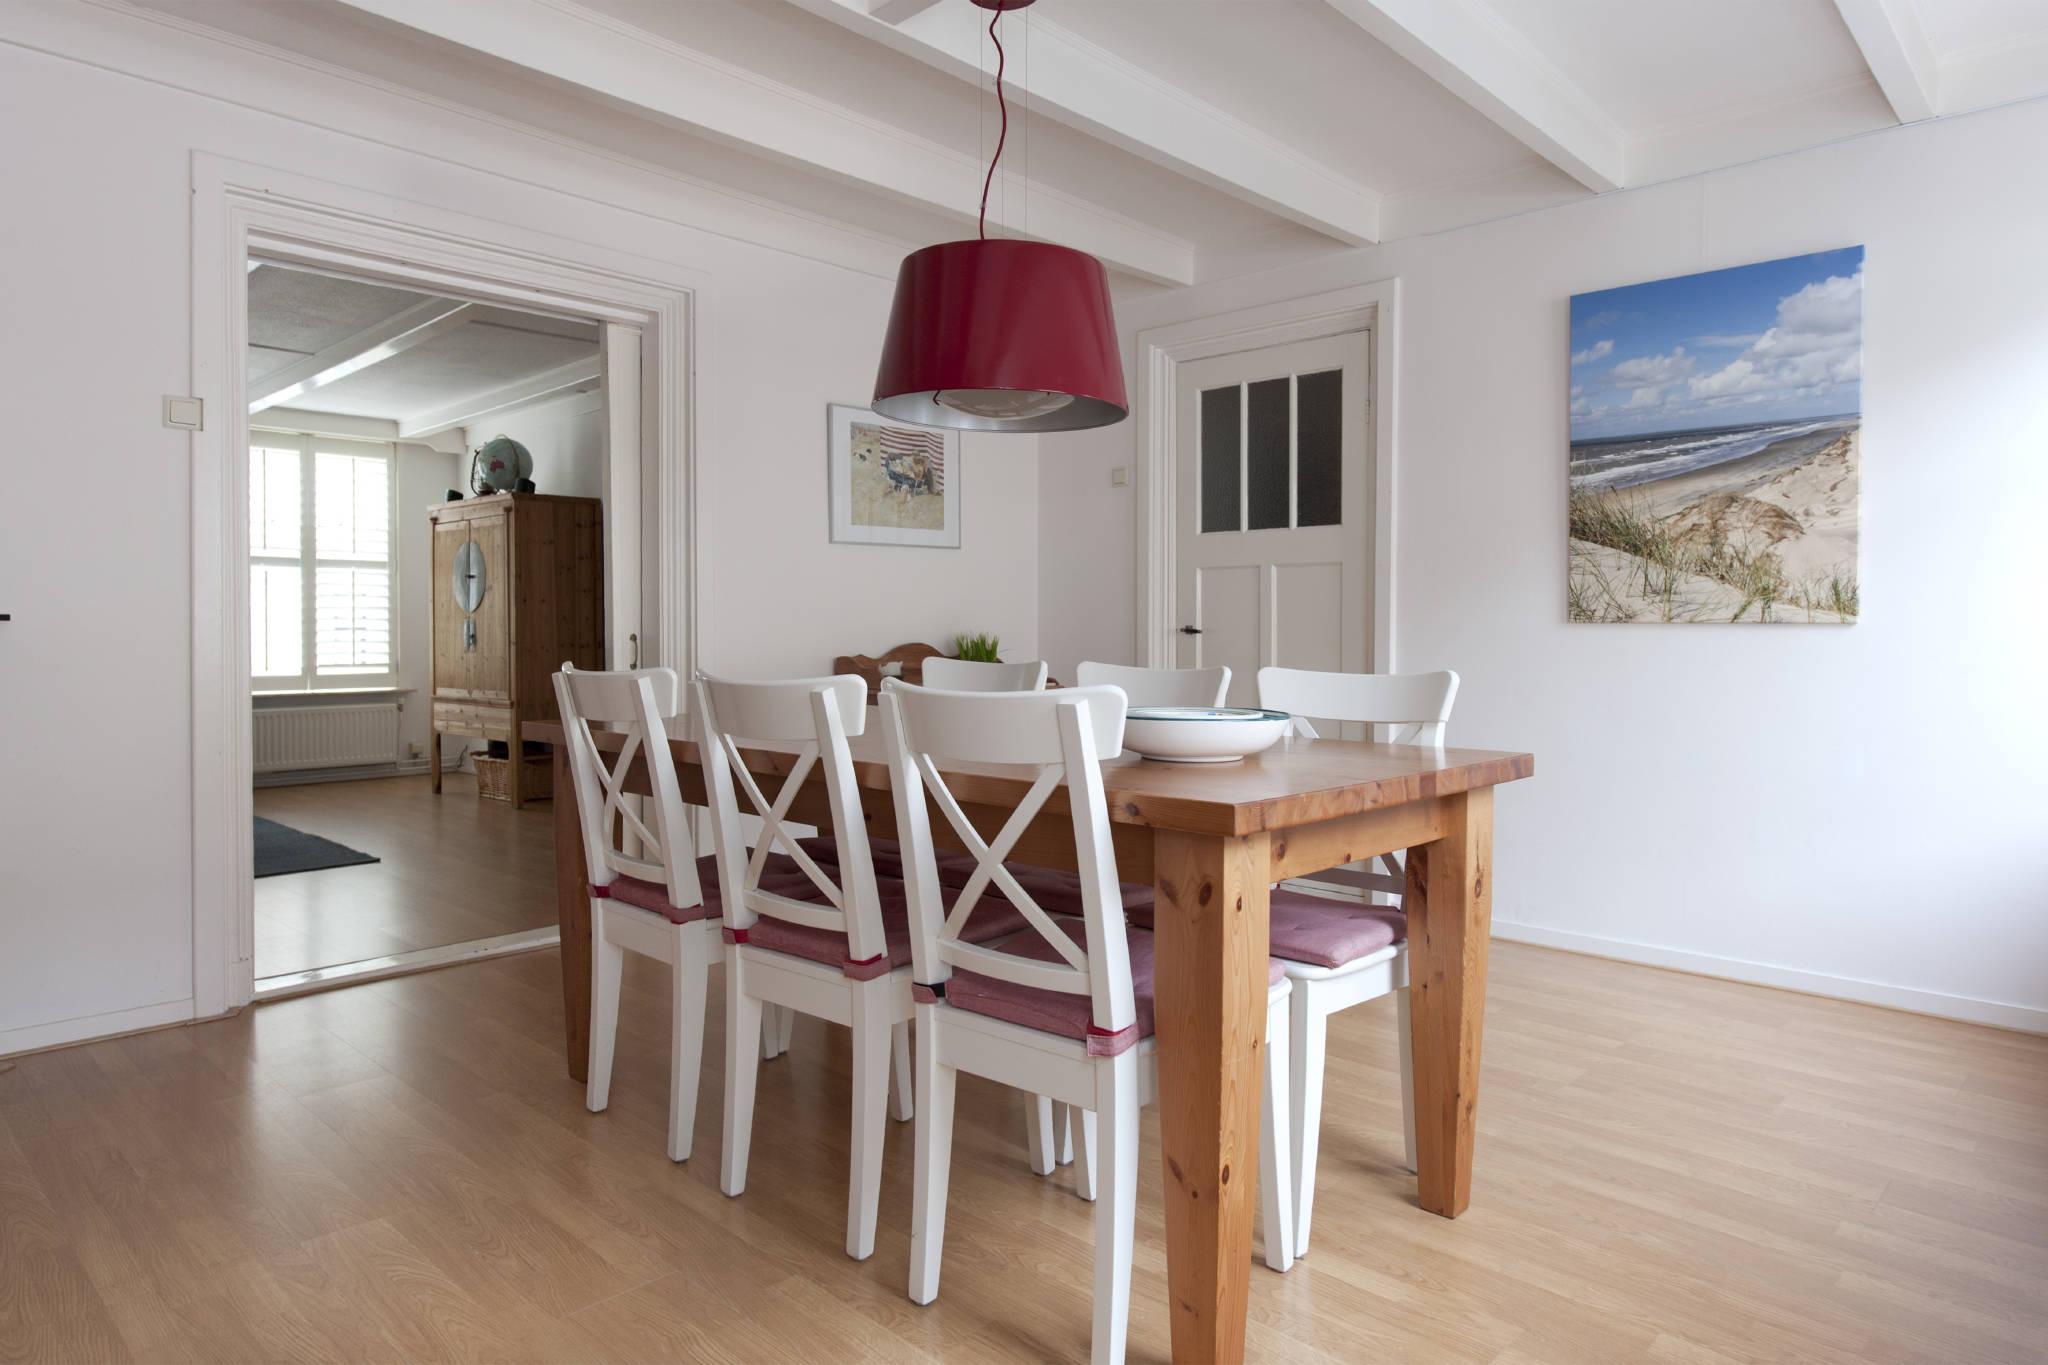 Zusatzbild Nr. 04 von Ferienhaus De Blauwe Pannen